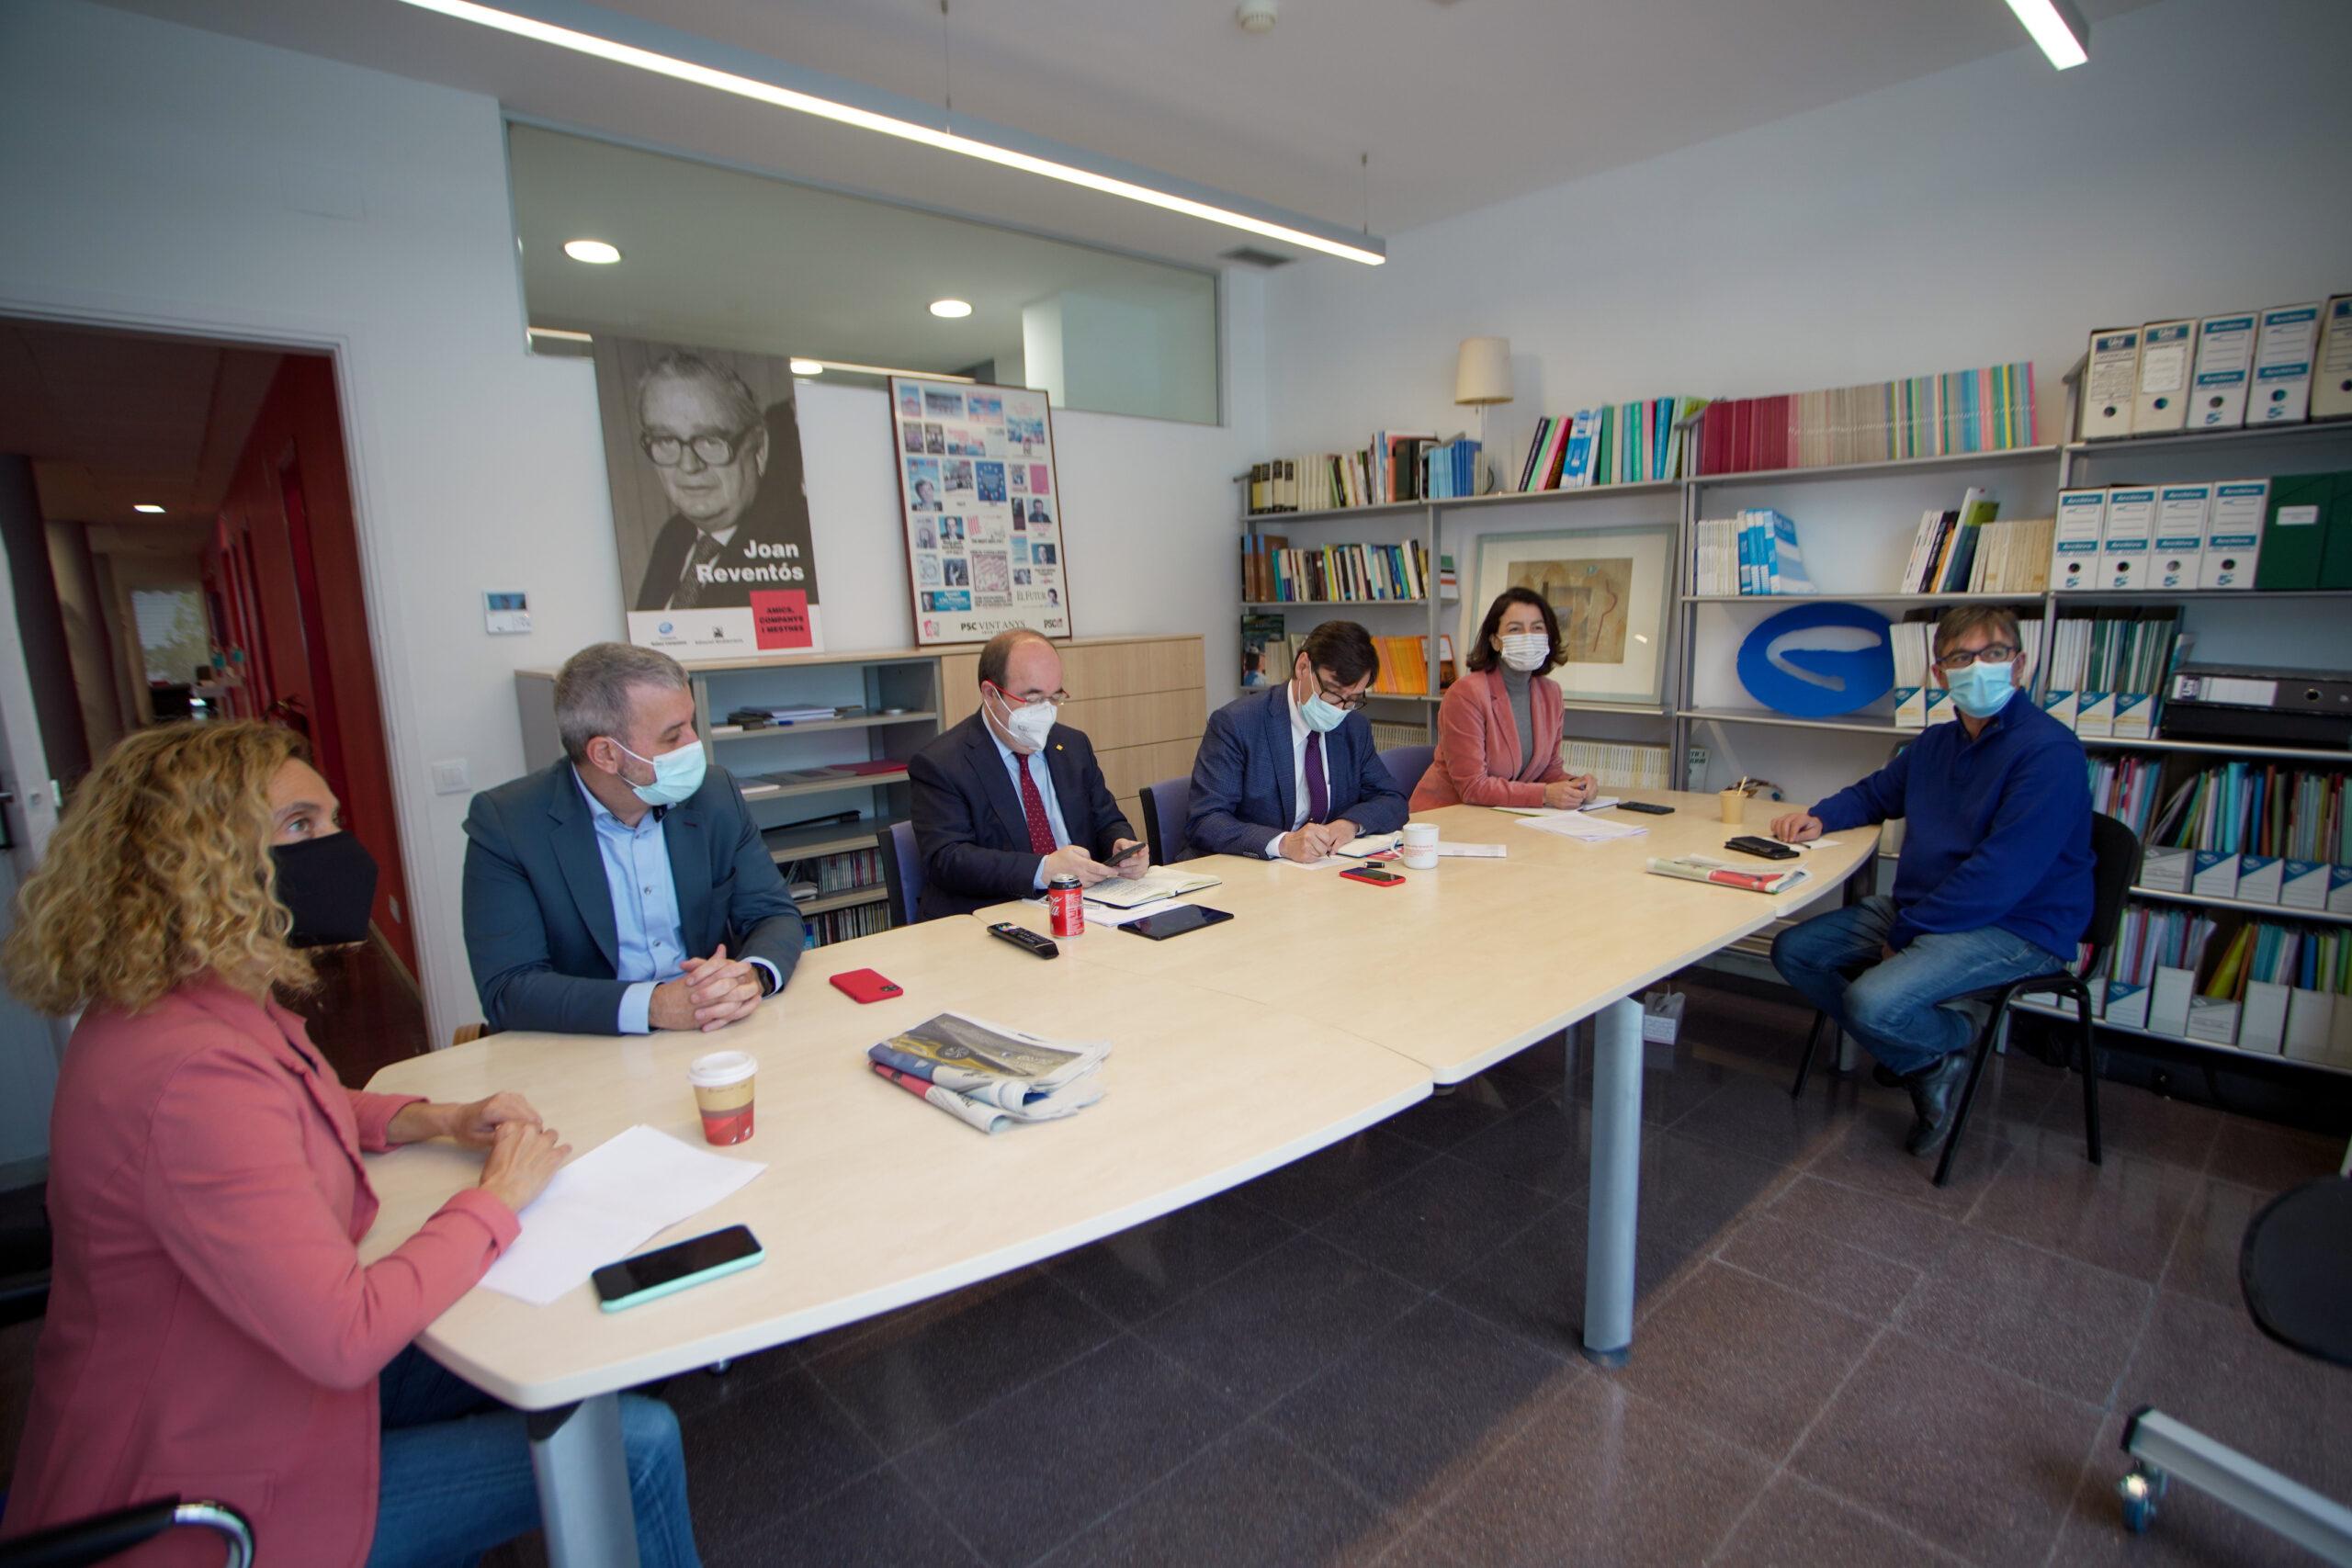 La primera reunió de la comissió executiva del PSC després del 14-F, en format híbrid, amb Salvador Illa, Miquel Iceta, Eva Granados, Meritxell Batet i Jaume Collboni   ACN